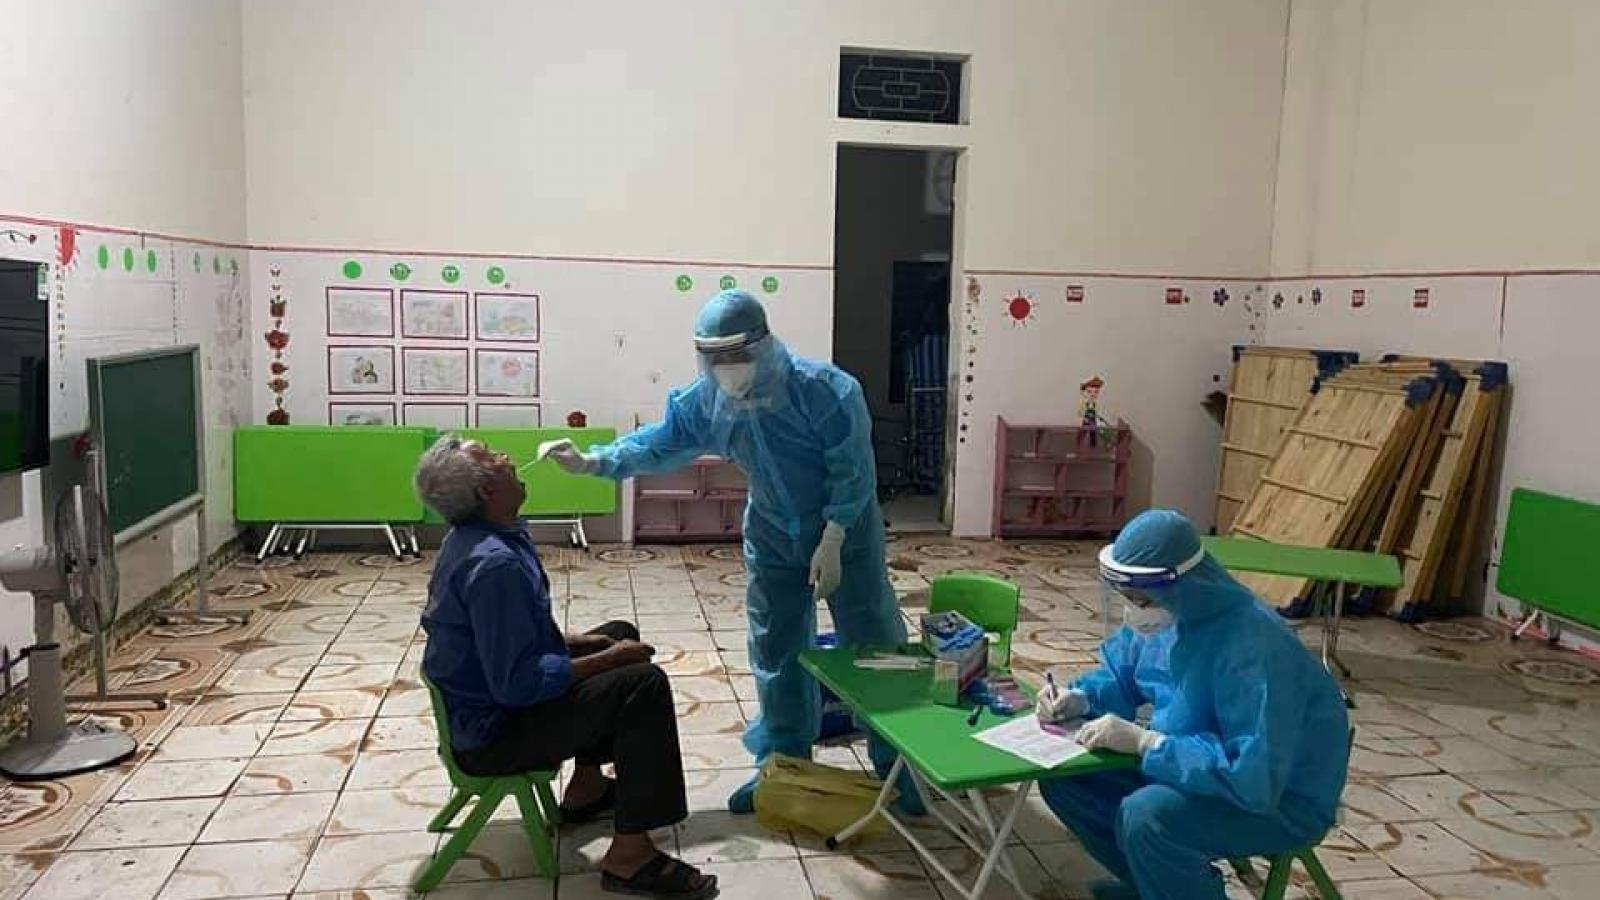 Toàn bộ F1 của bệnh nhân mắc Covid-19 ở Nghệ An đã âm tính lần 1 với SARS-CoV-2